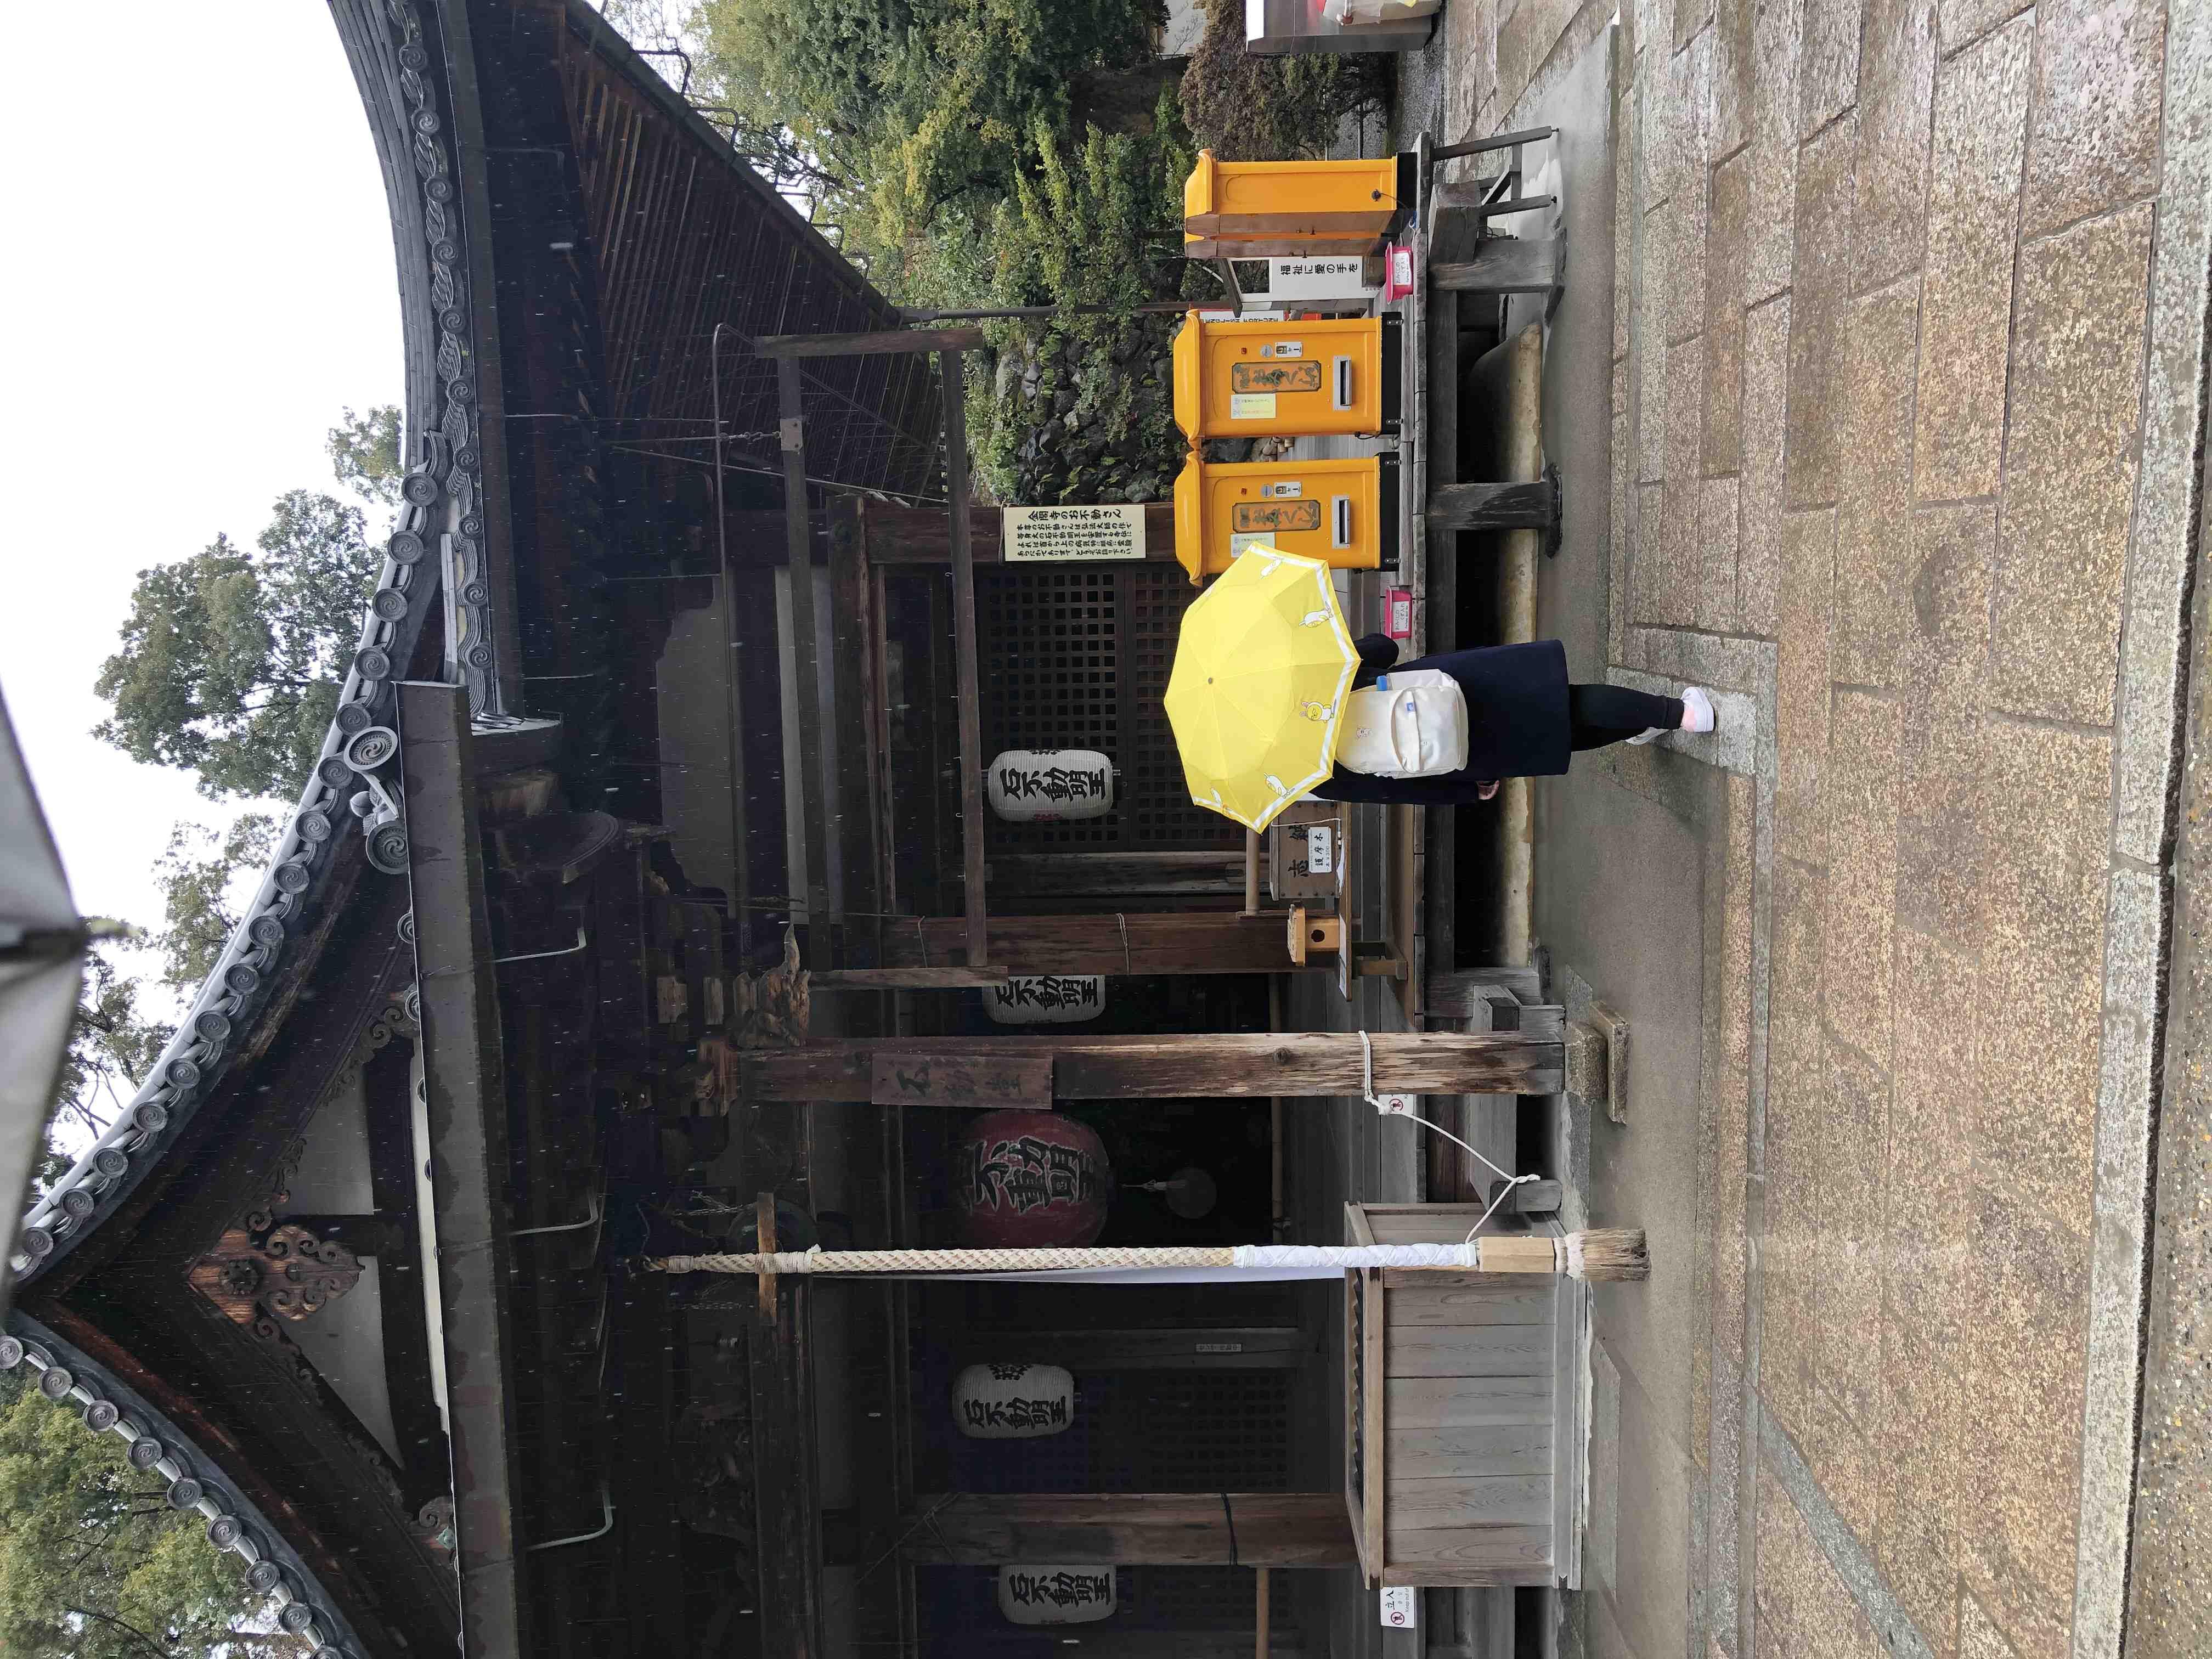 img 0909 - 世界文化遺產 金閣寺, 京都景點, 京都自由行, 金閣寺, 鹿苑寺